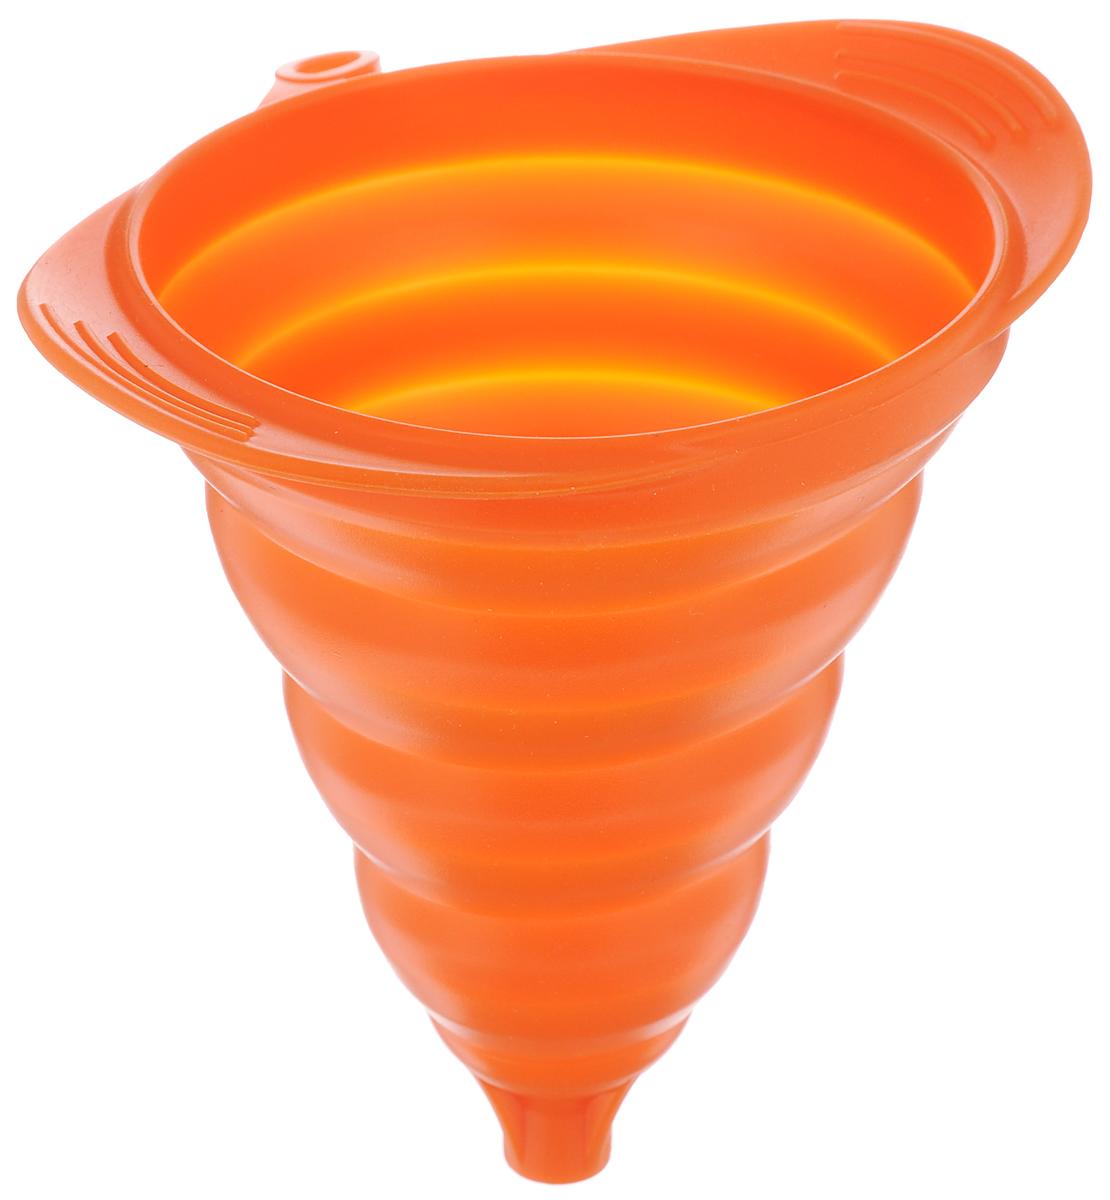 Воронка Mayer & Boch, силиконовая, складная, цвет: оранжевый, 16 х 13 см24621_оранжевыйВоронка Mayer & Boch изготовлена из высококачественного экологически чистого пищевого силикона. Предназначена для переливания как холодных, так и горячих жидкостей, а также для пересыпания сыпучих продуктов - соли, сухих приправ и т.д. Благодаря уникальной складывающейся конструкции подходит под емкости с различным диаметром горлышка и занимает мало места при хранении. Силикон выдерживает температуру от -40°С до 210°С. Можно мыть в посудомоечной машине. Размер воронки: 16 х 13 см. Высота в сложенном виде: 2 см.